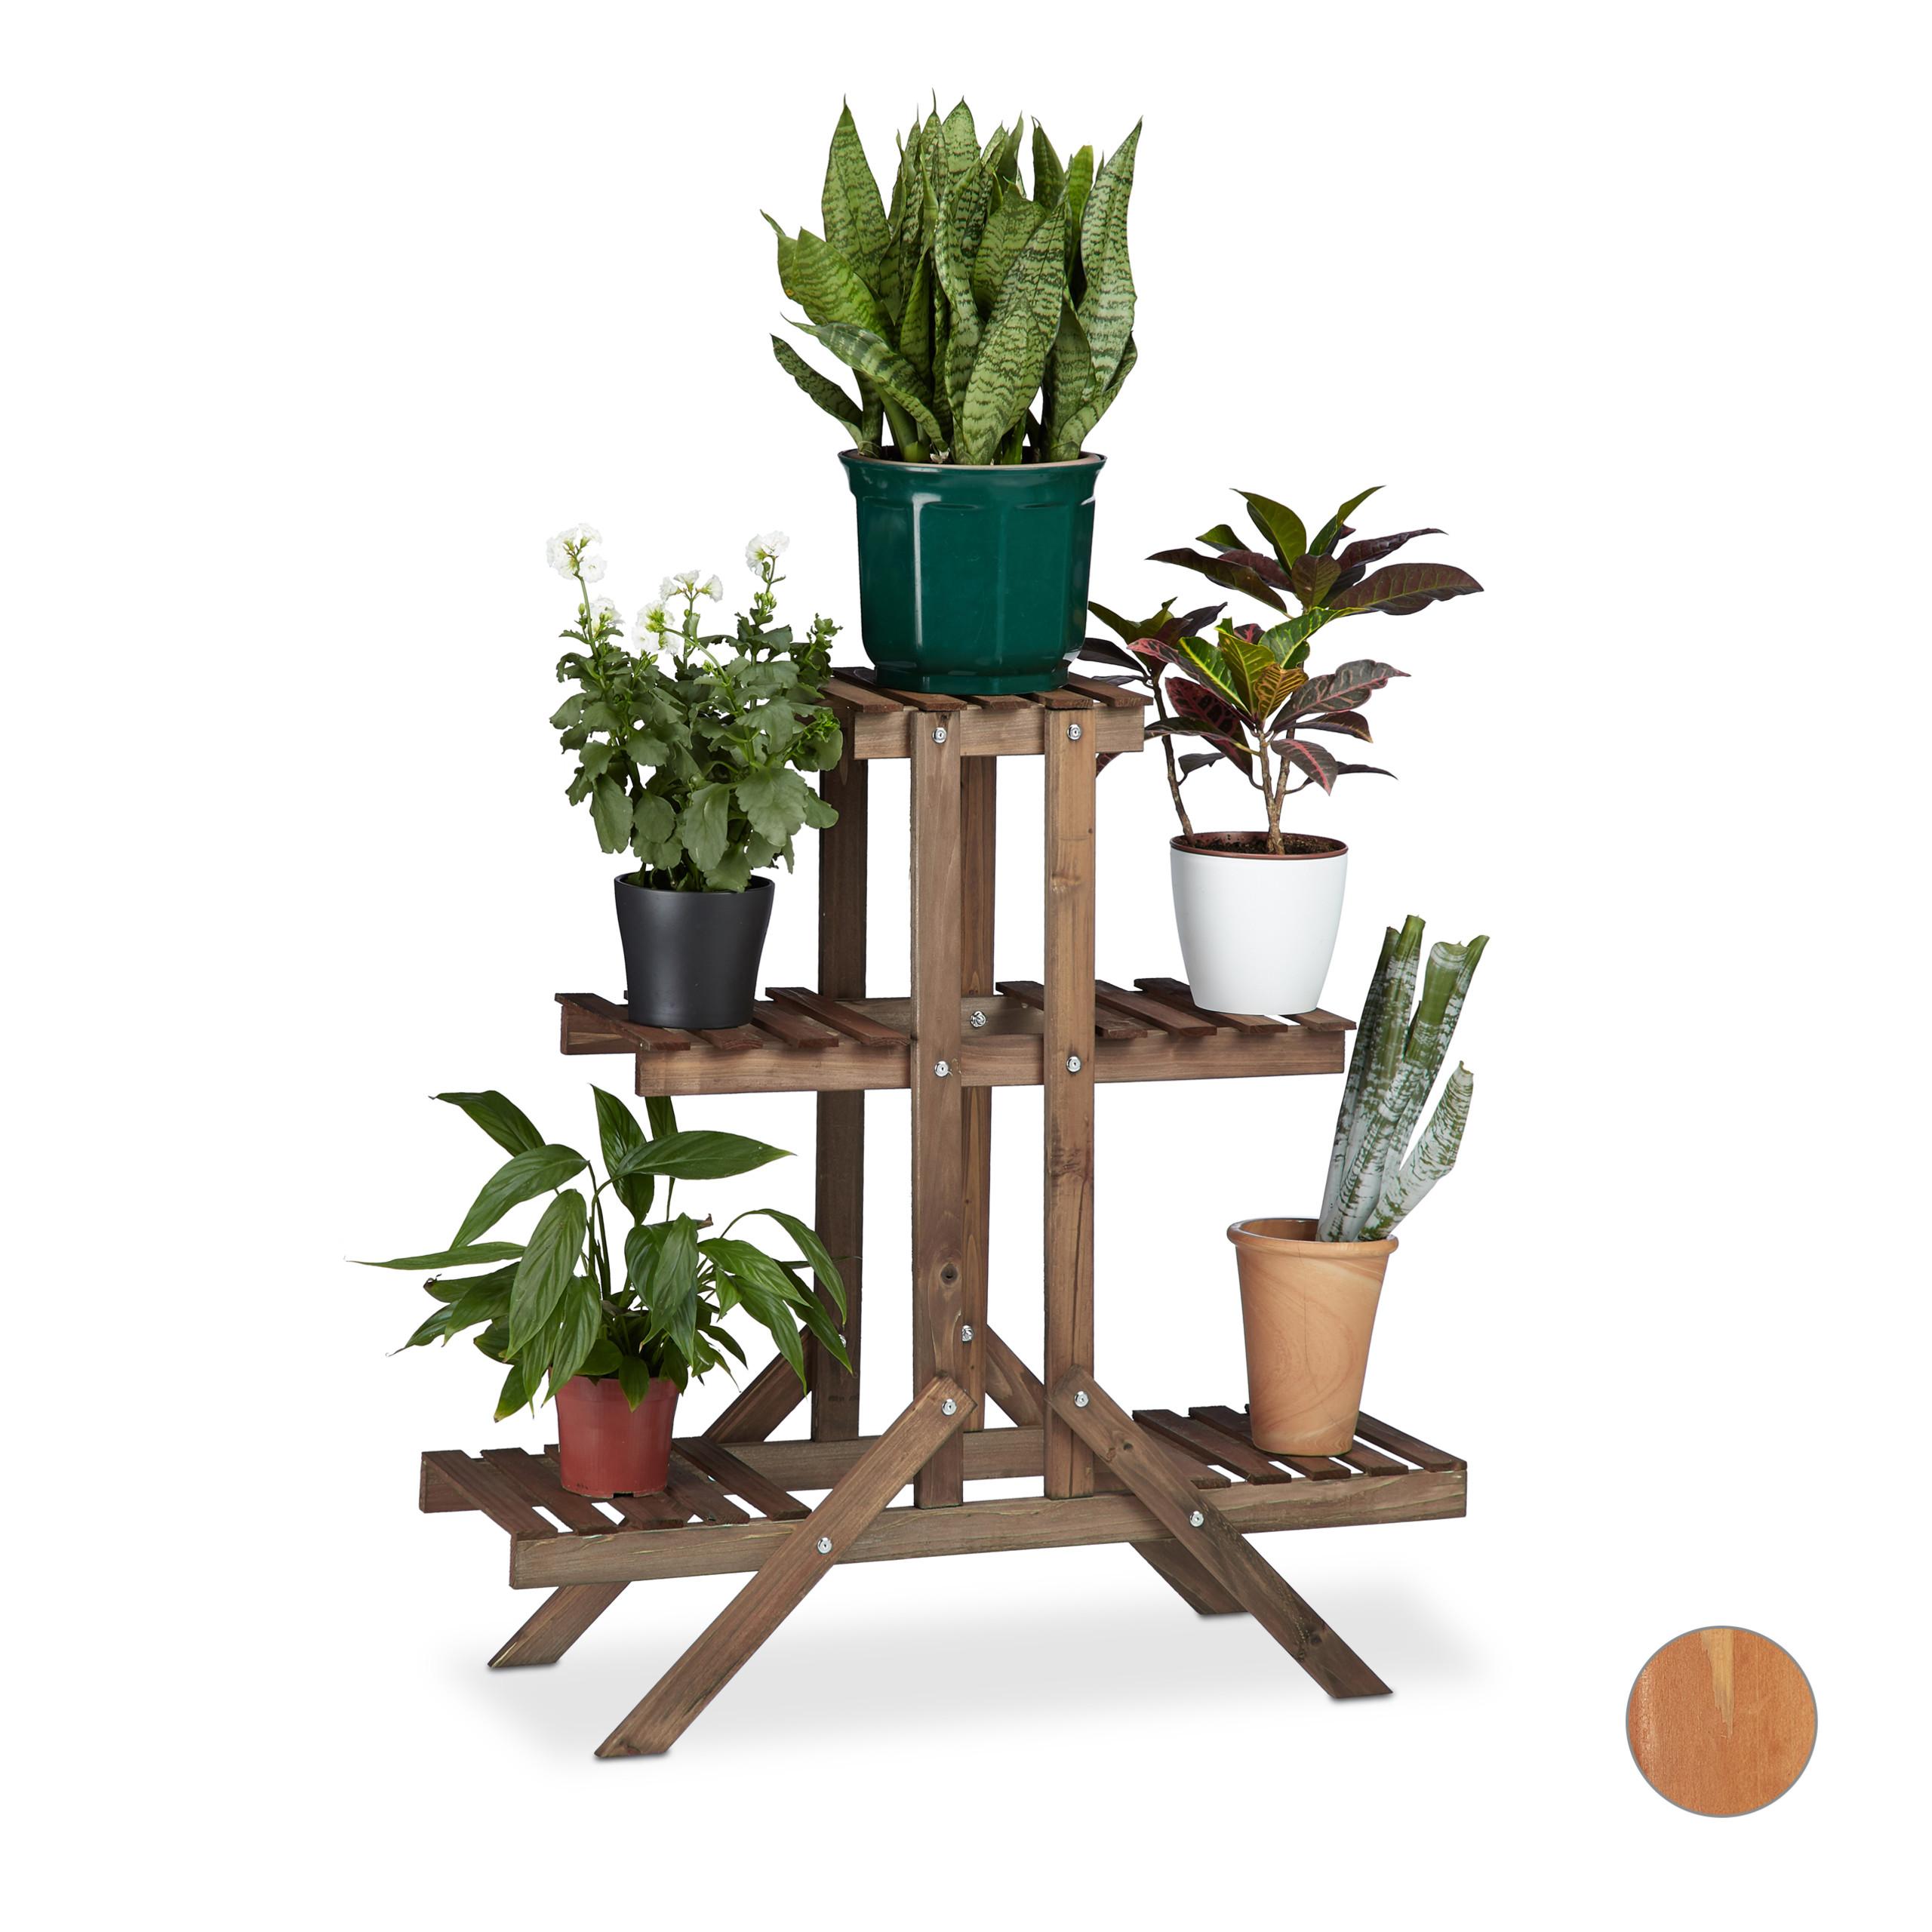 Pflanzentreppe Blumentreppe Blumenbank Pflanzregal Blumenständer Metall 4 Ebenen